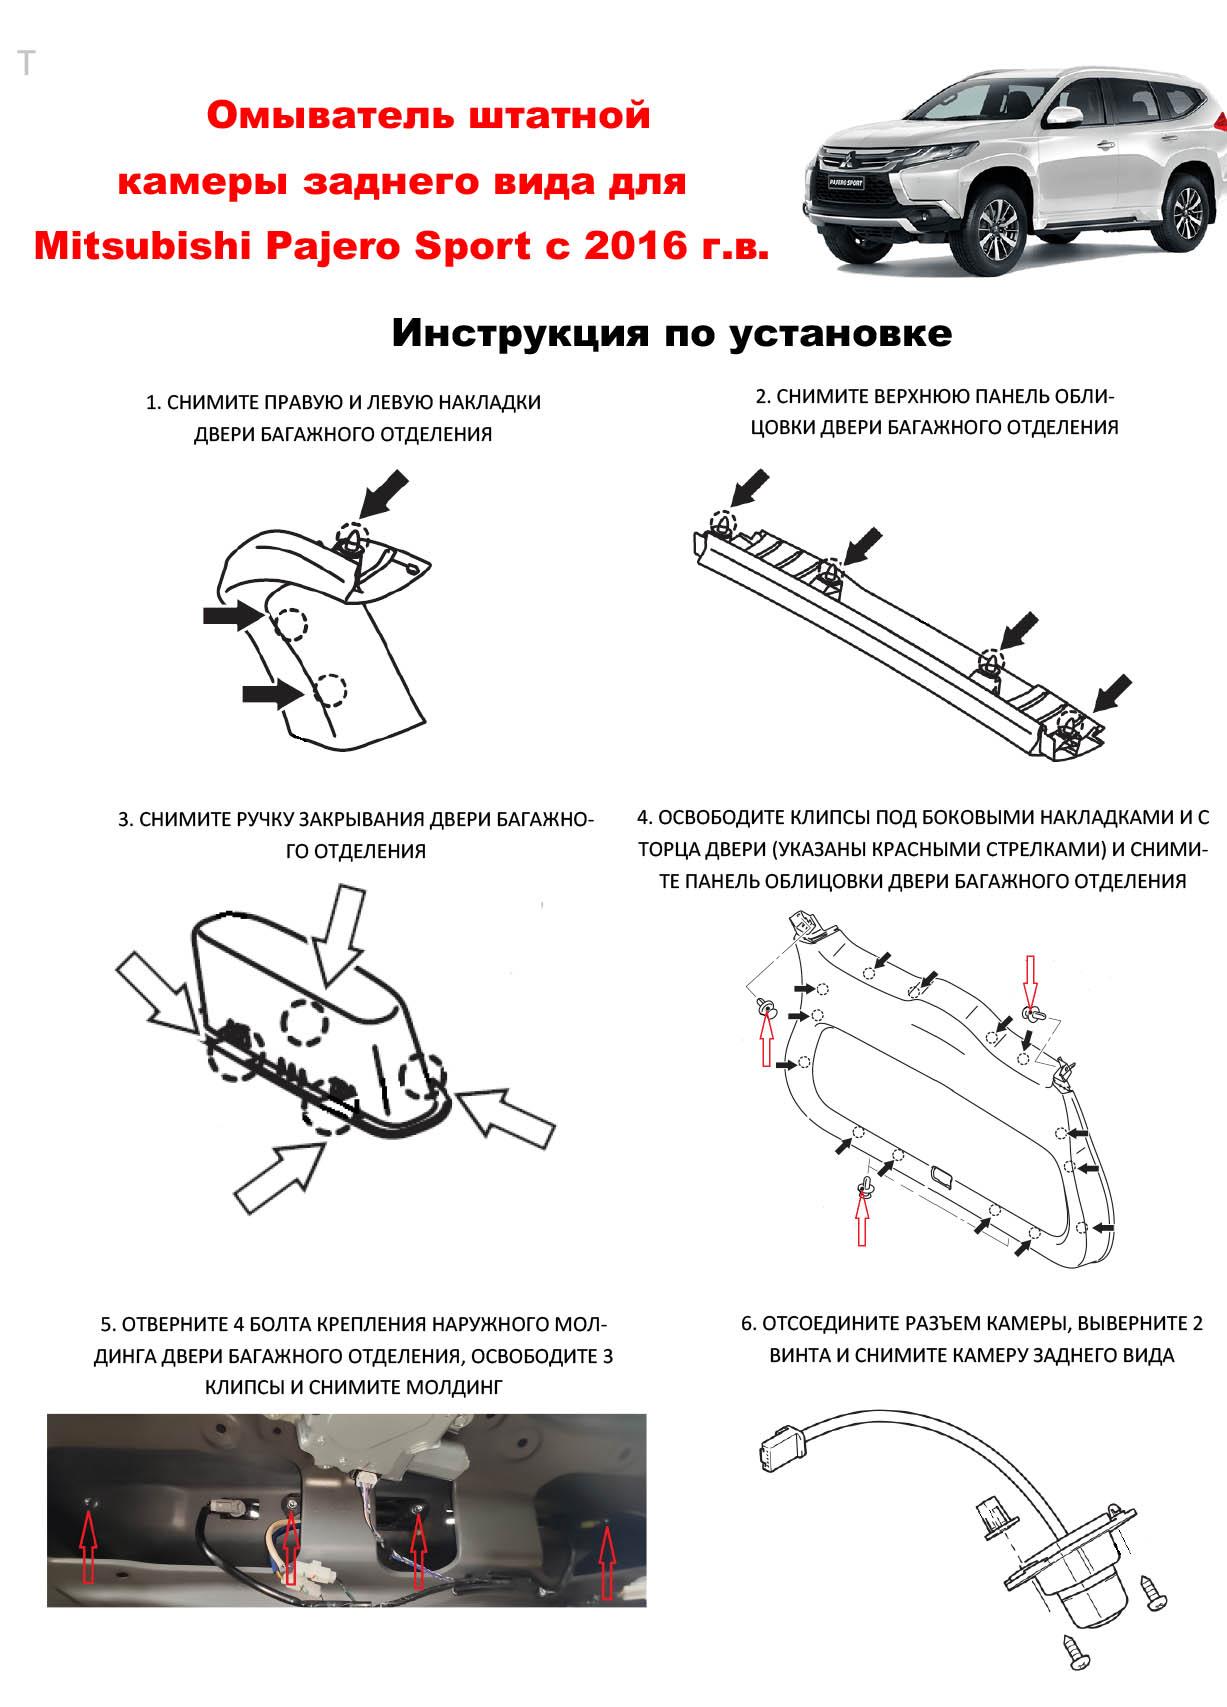 Инструкция по установке омывателя камеры заднего вида Toyota Highlander 07-13